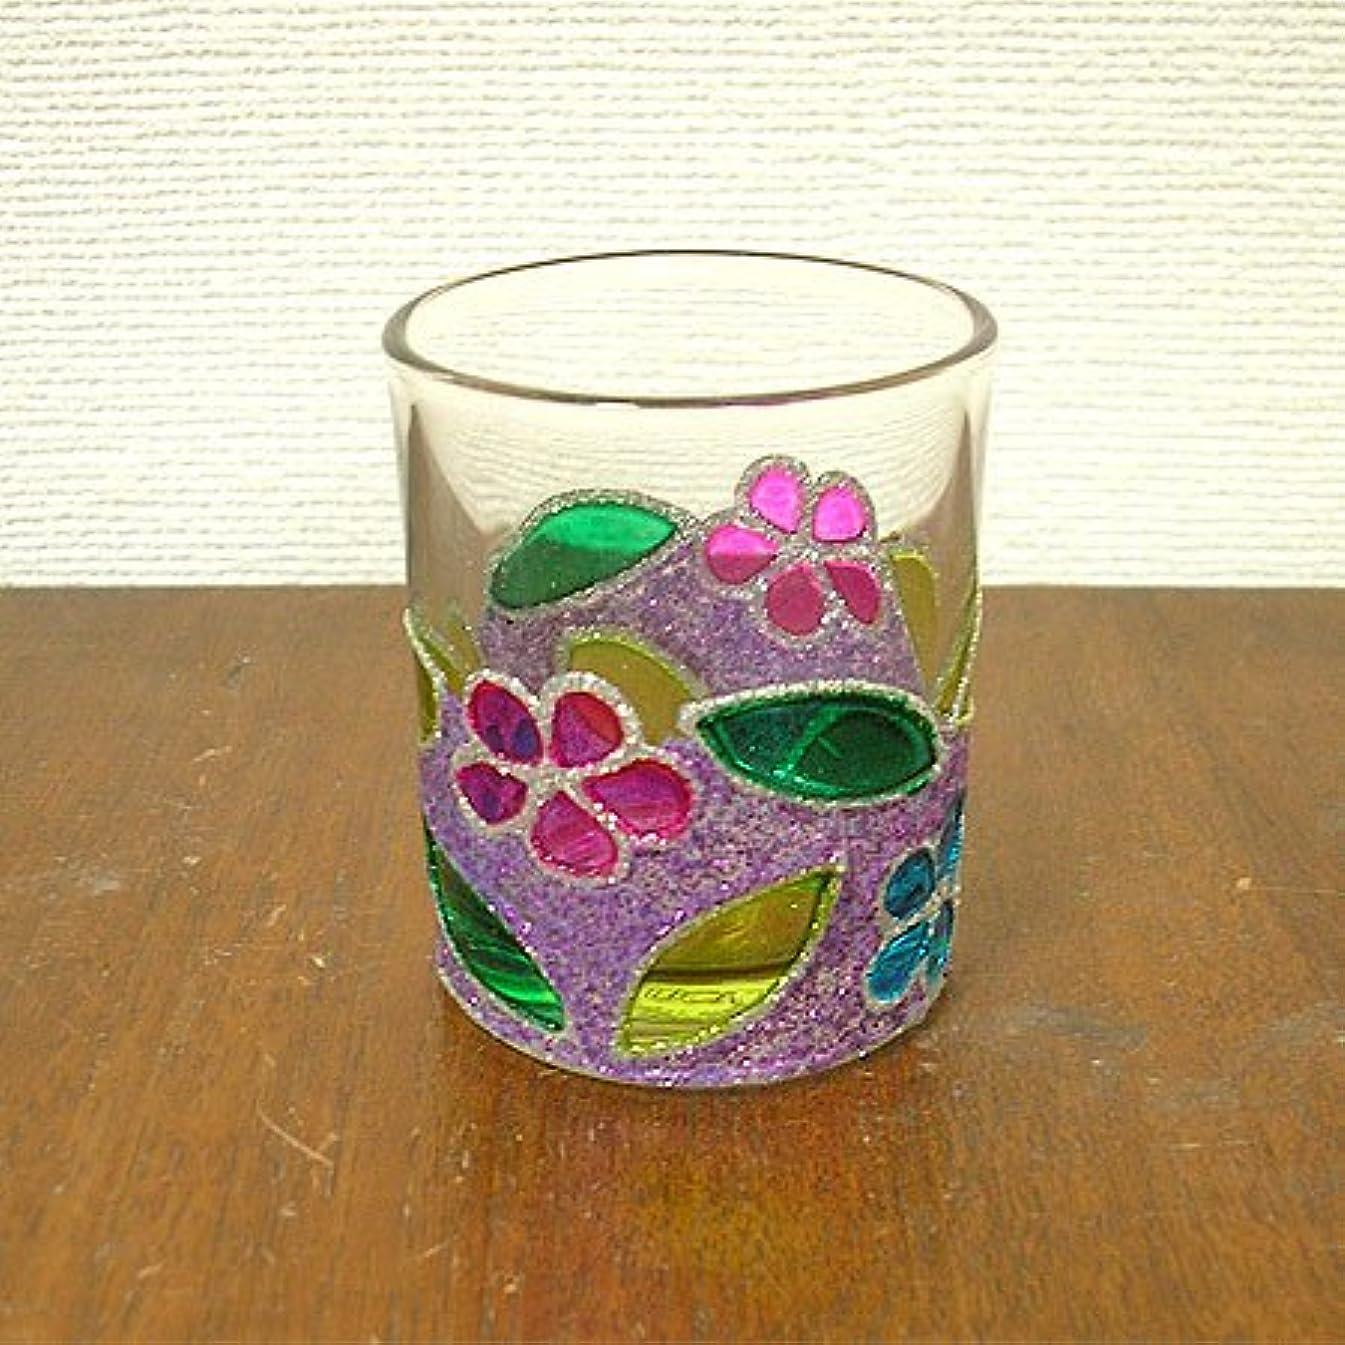 友だち植物学者忠実にアジアン キャンドルホルダー カップ グラス 花柄 パープル アジアン雑貨